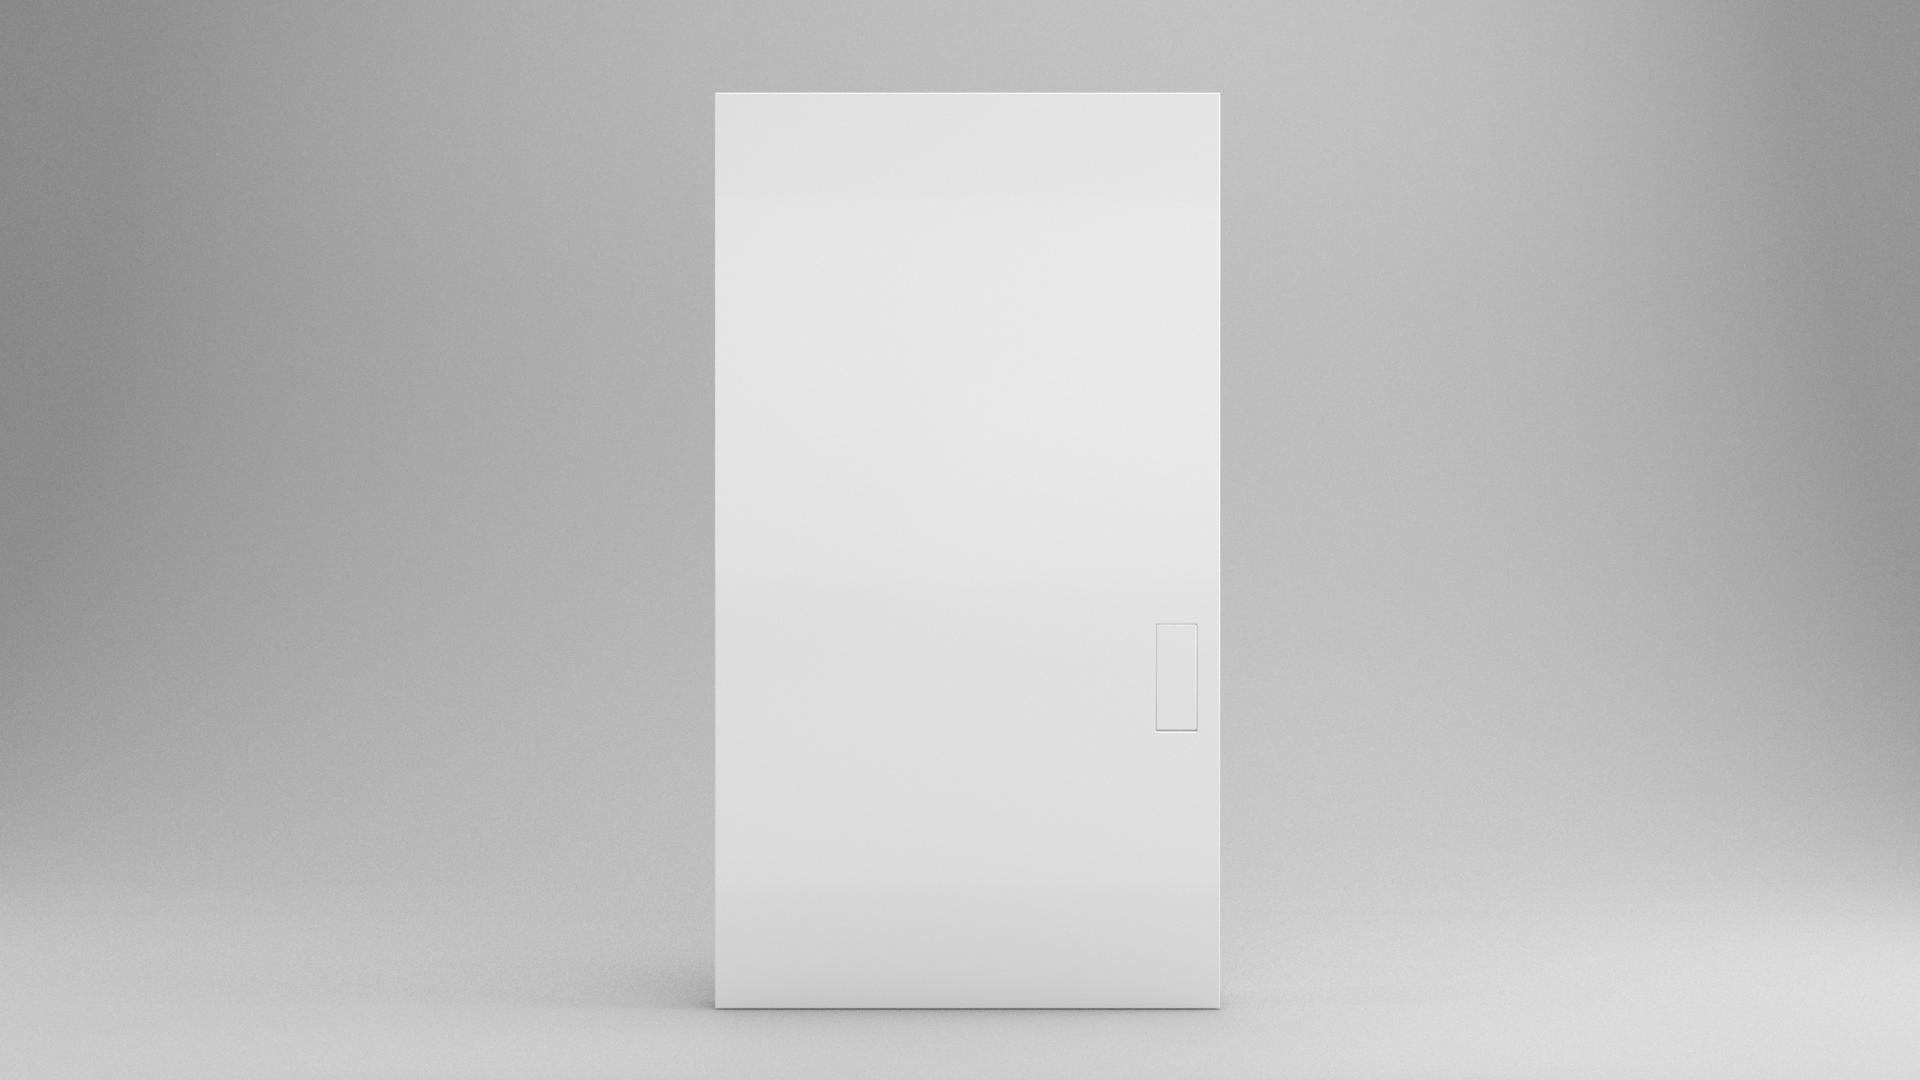 doorknob-2_0000.png